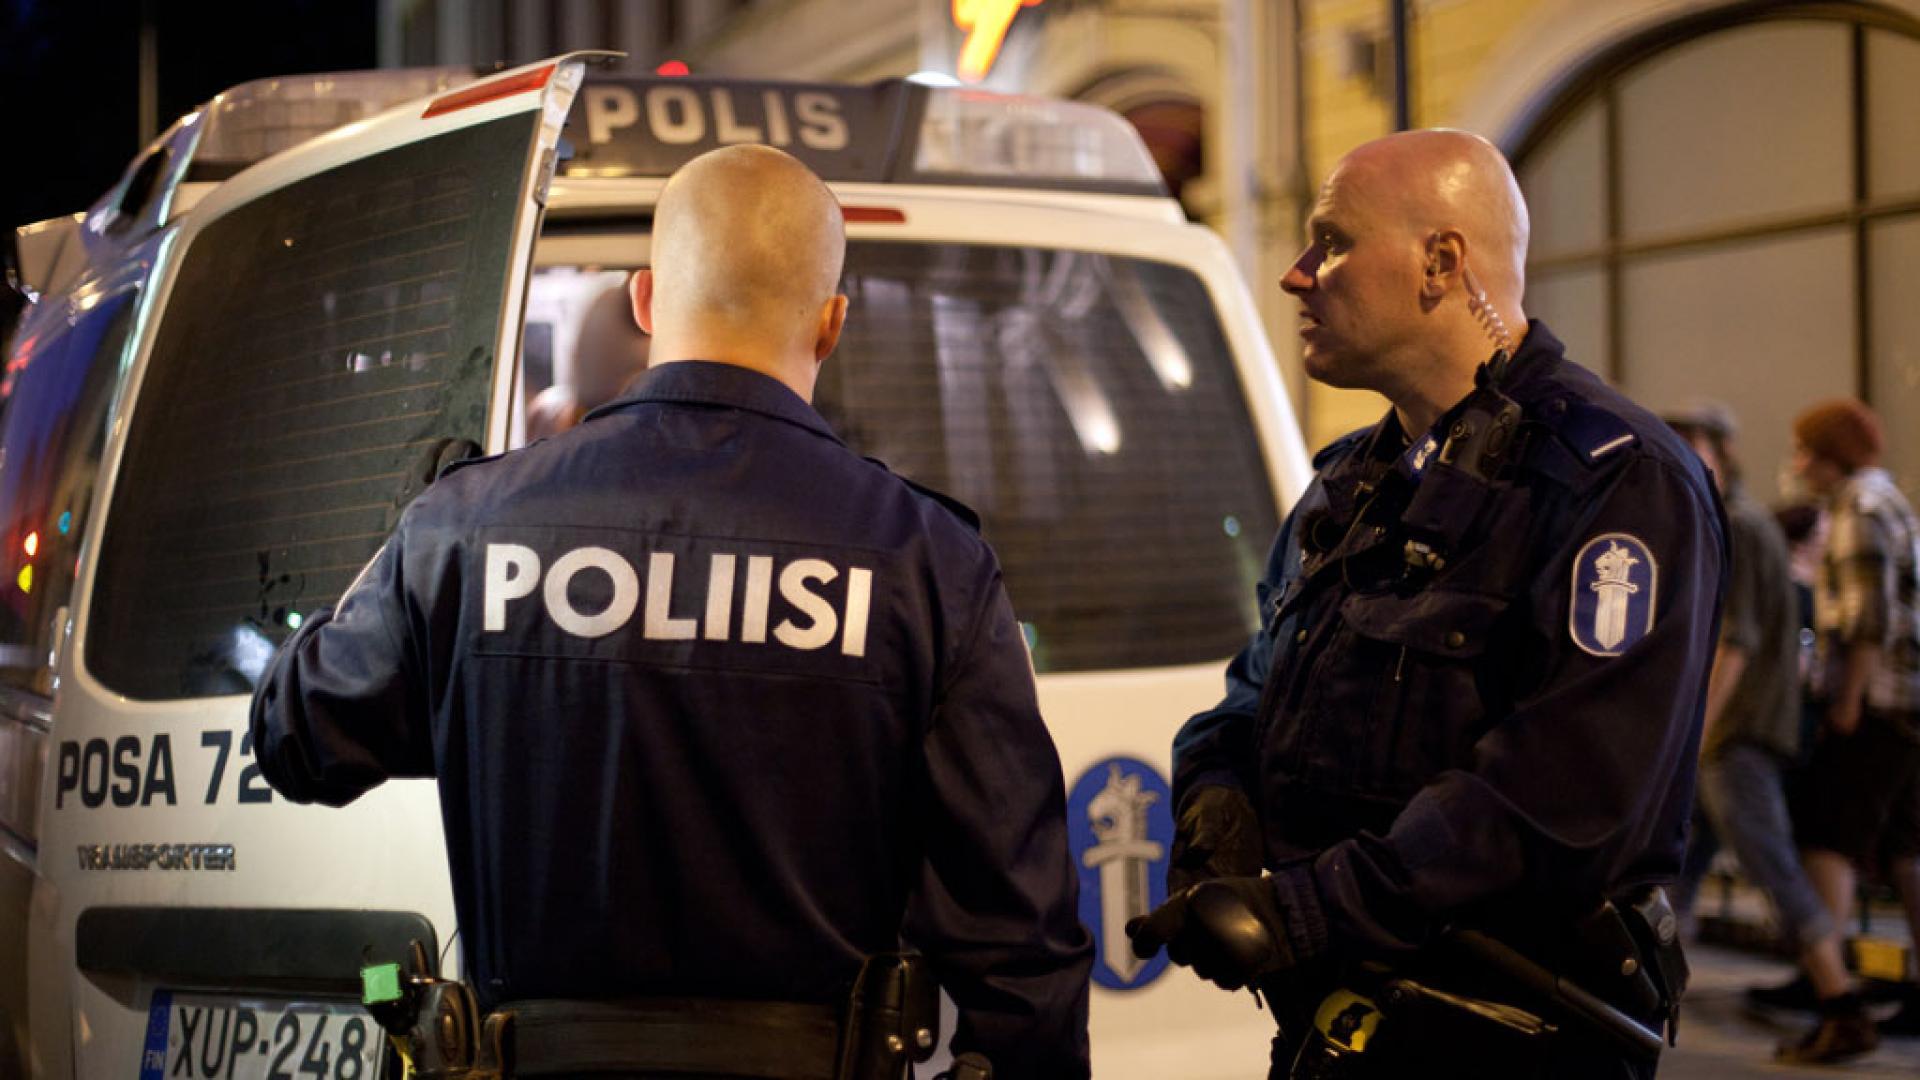 Poliisit Kuopio